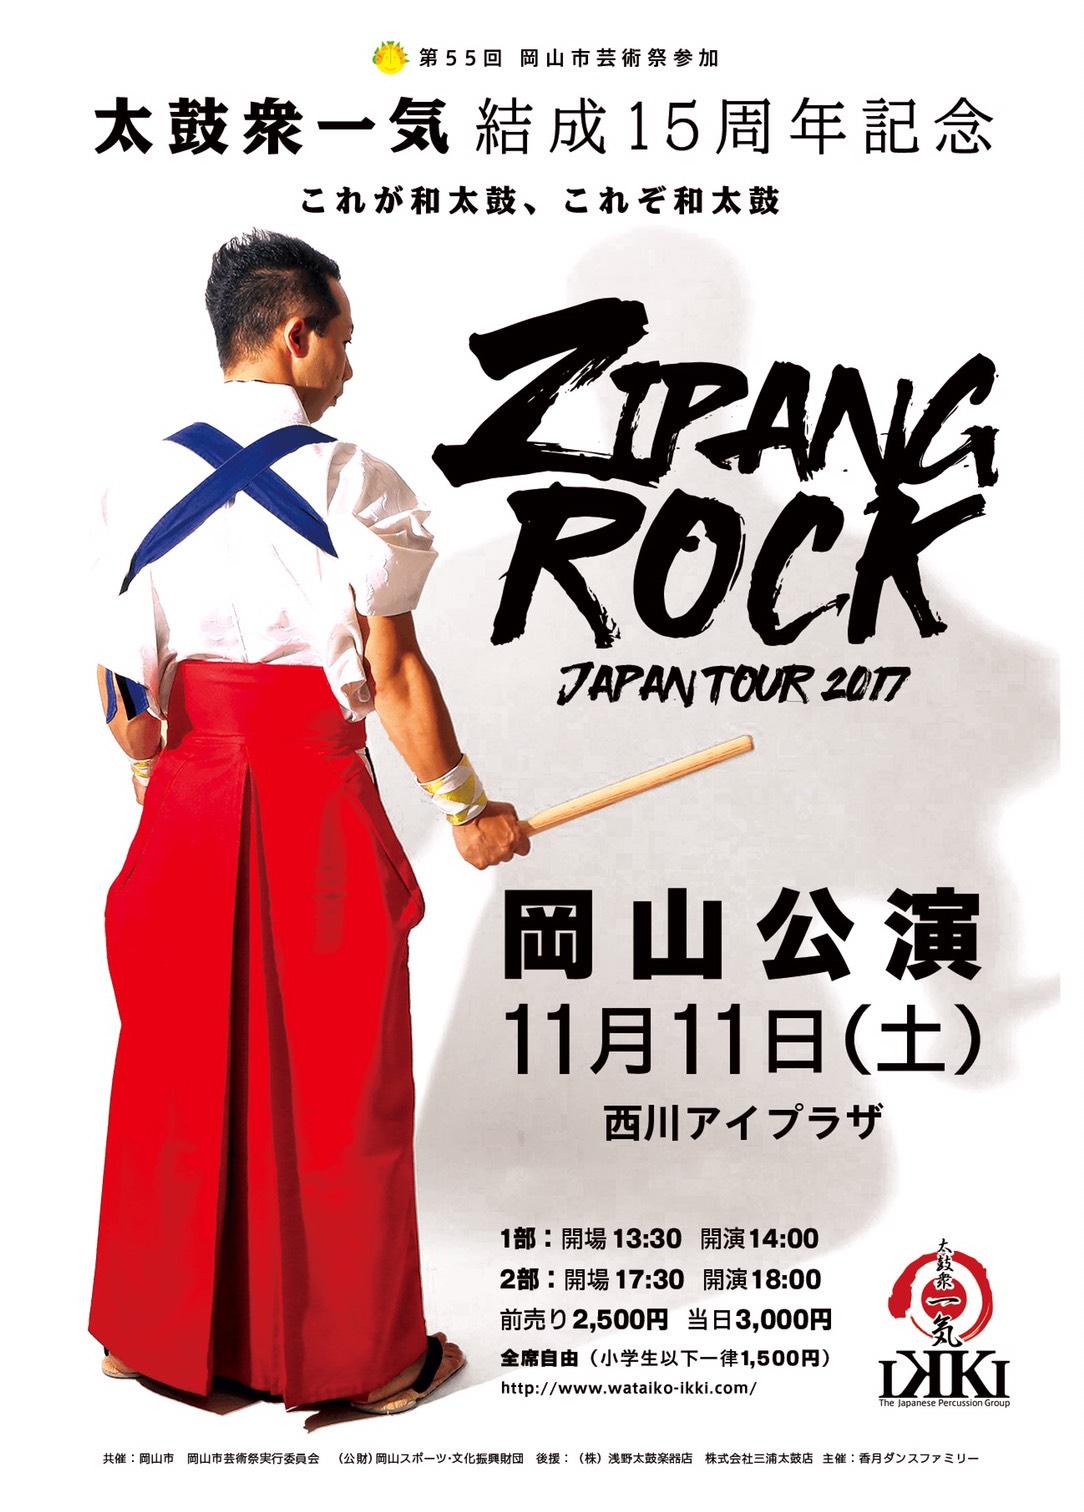 太鼓衆一気結成15周年記念 -ZIPANG ROCK- Japan Tour 2017 岡山公演 (昼公演)